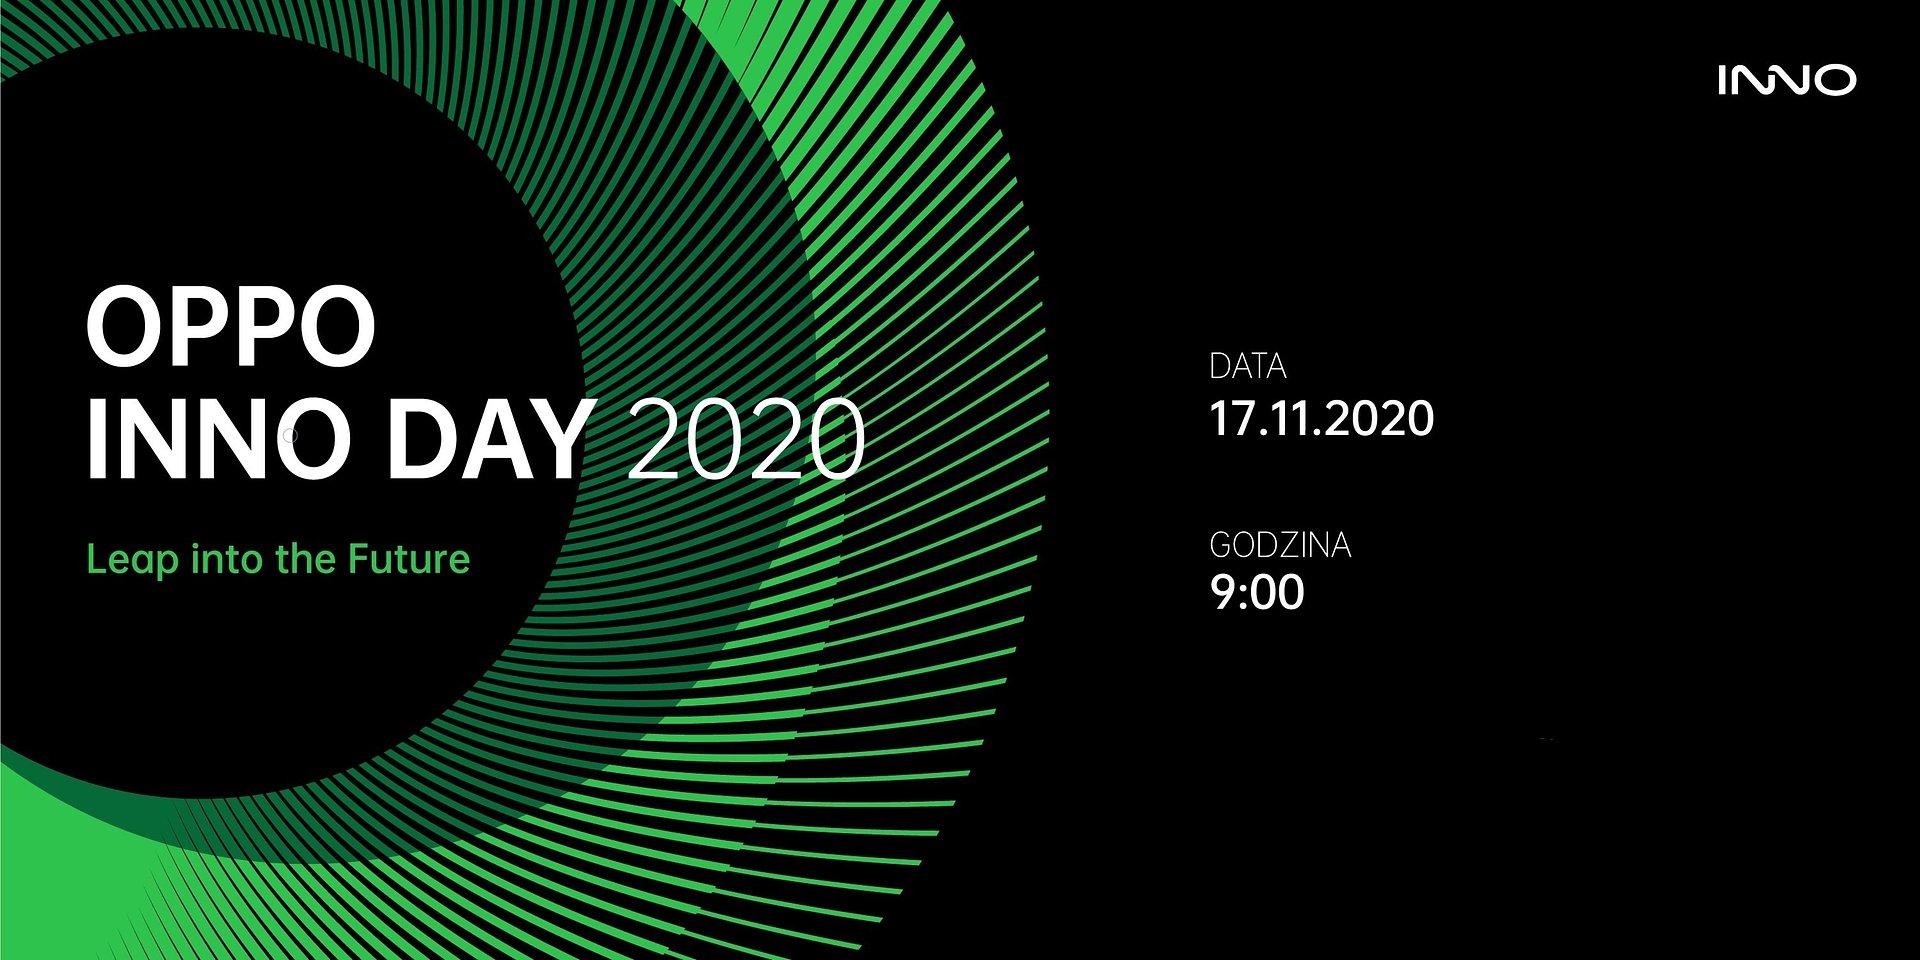 17 Listopada 2020 odbędzie się OPPO INNO DAY 2020, podczas którego zostaną zaprezentowane trzy innowacyjne koncepty produktowe